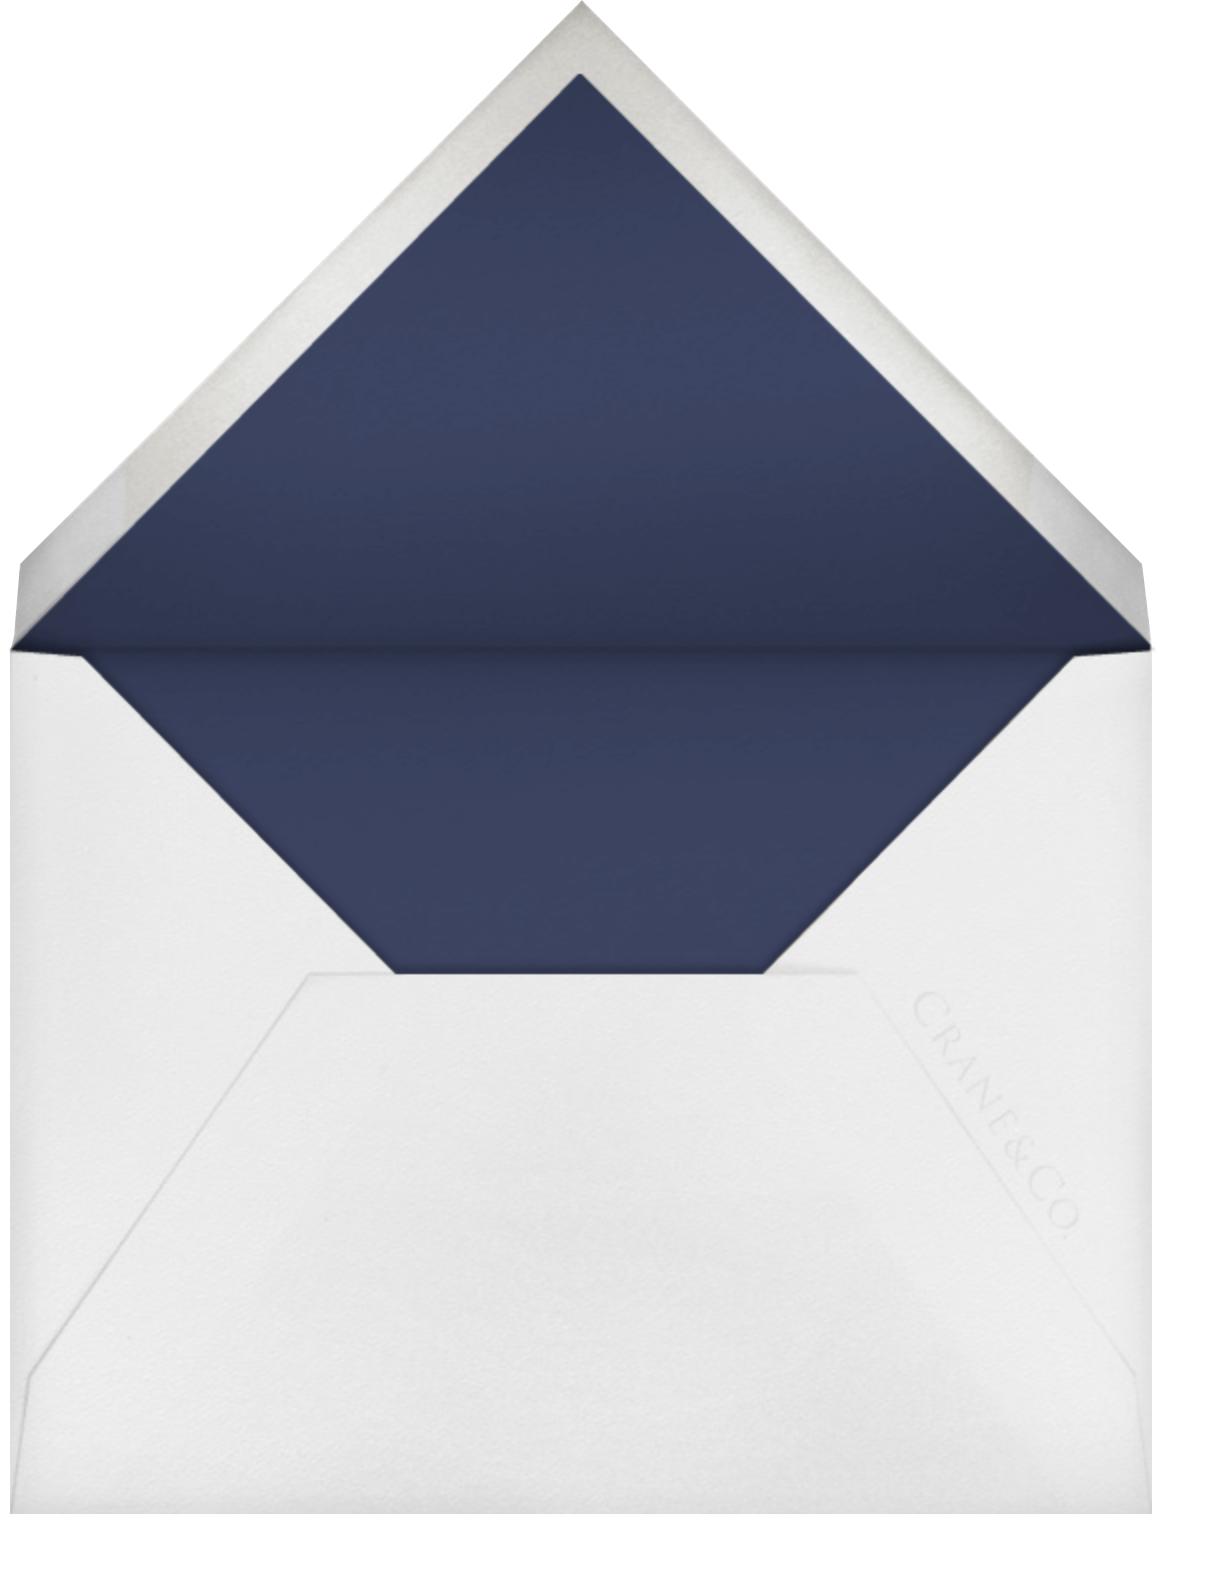 Daphne - Navy Blue - Crane & Co. - All - envelope back